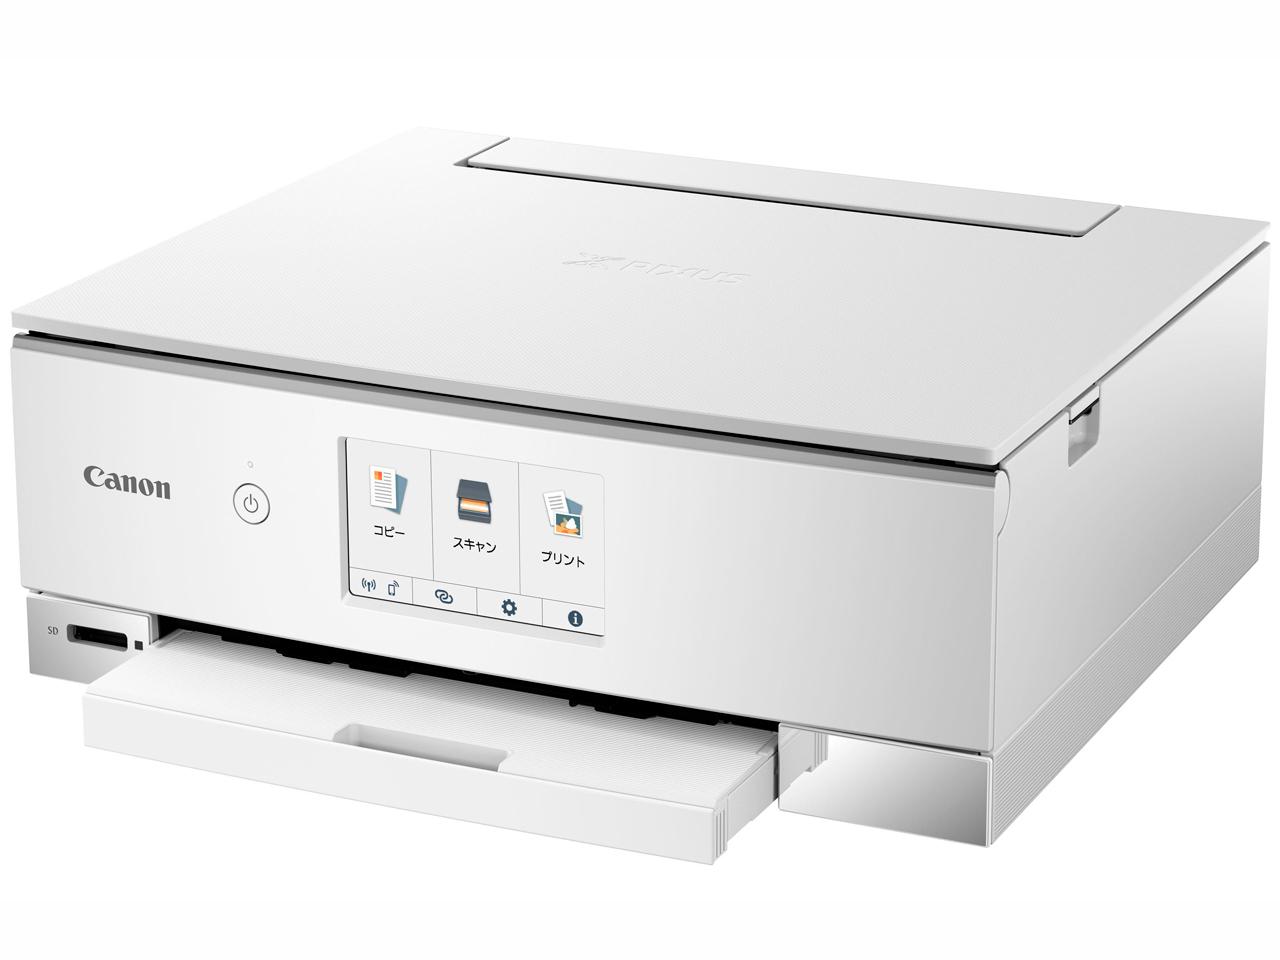 PIXUS TS8230 [ホワイト] の製品画像